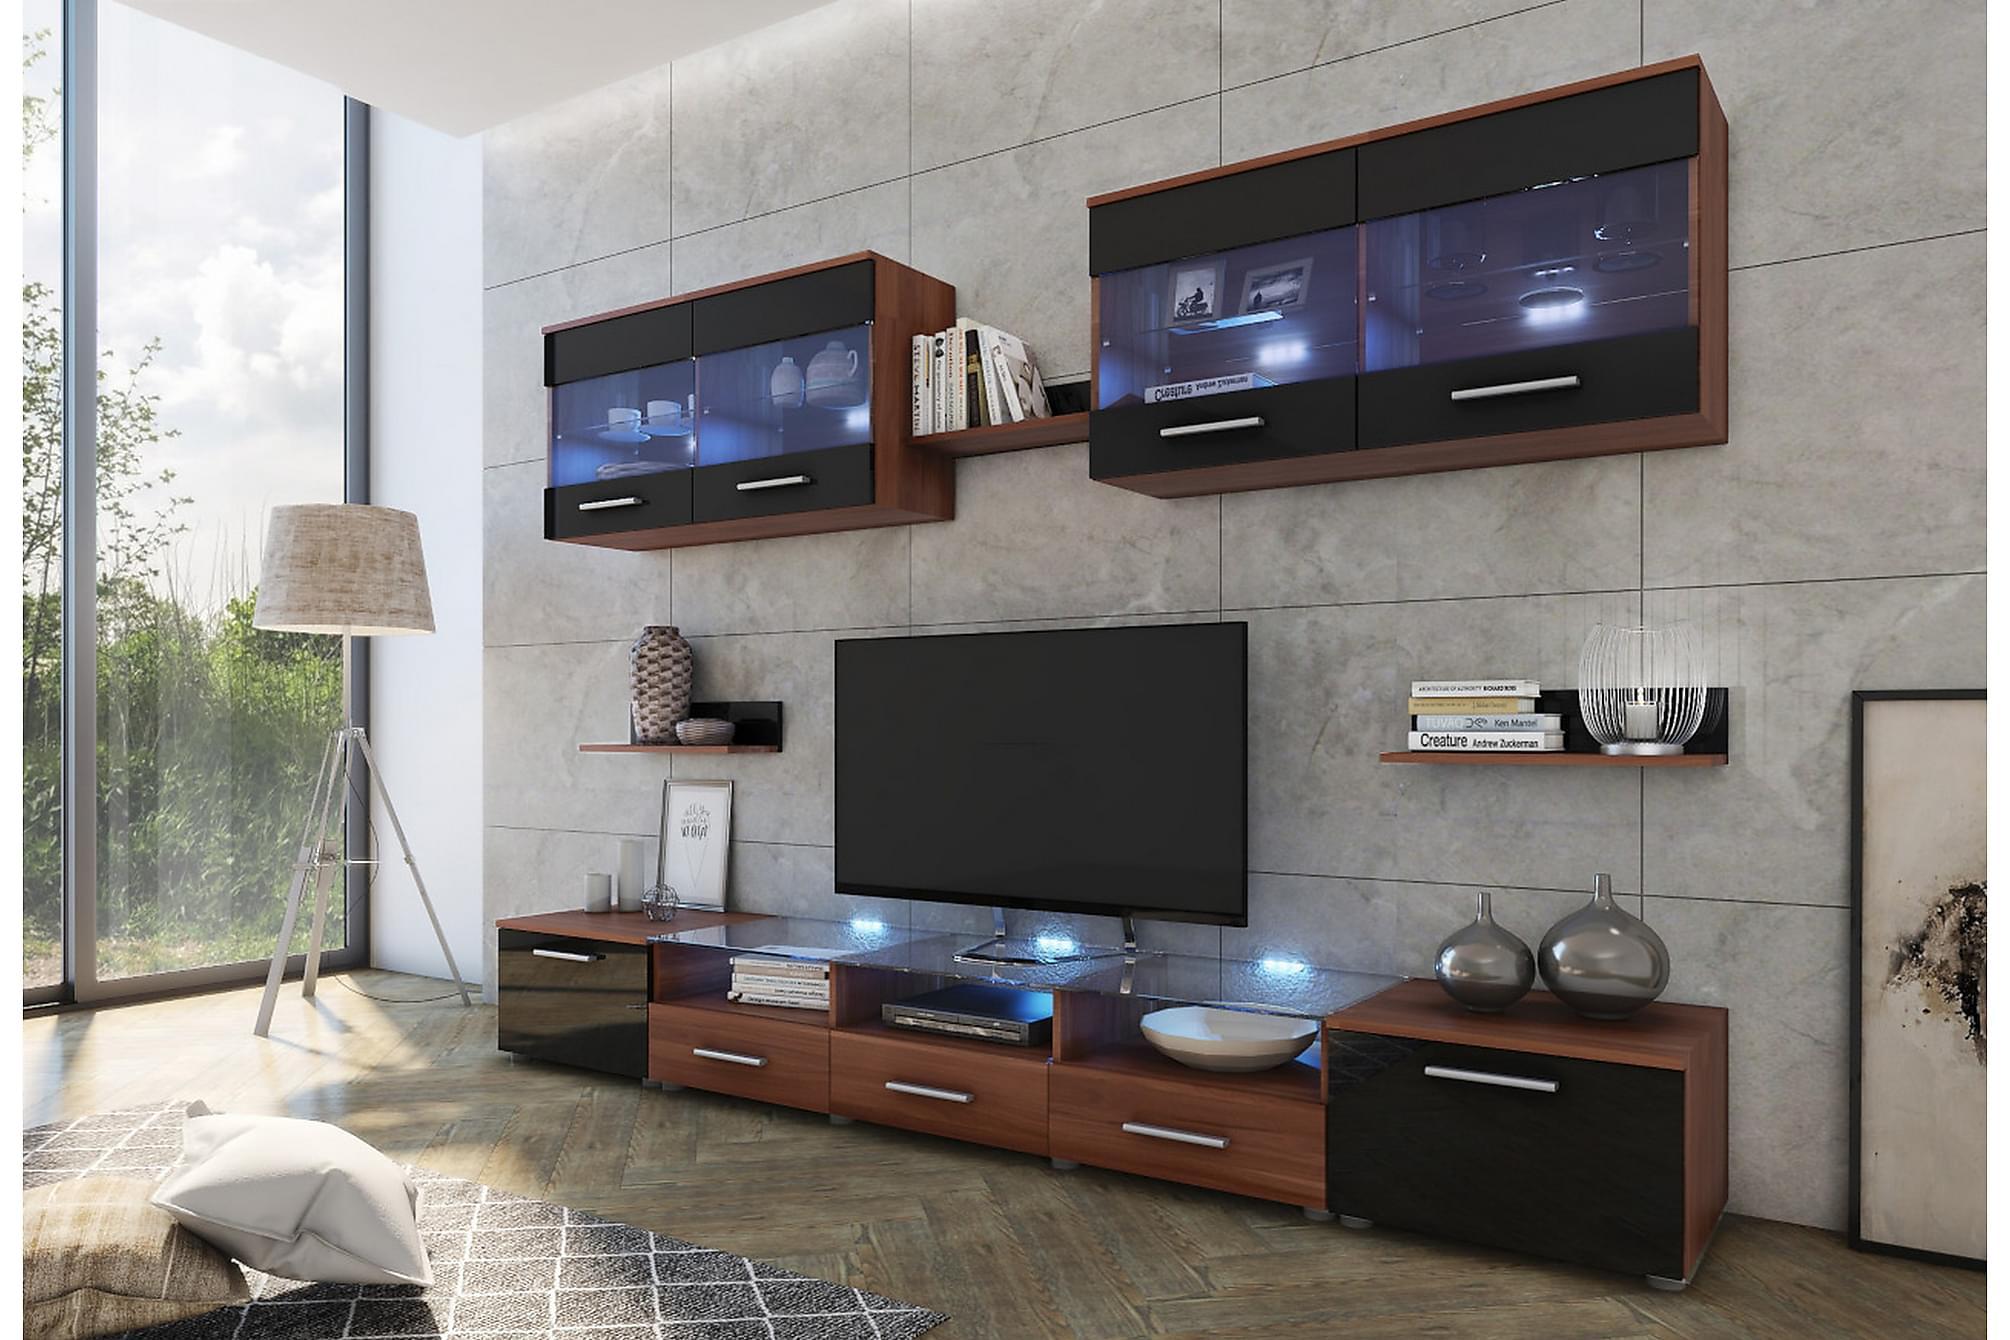 CAMA Vardagsrumsset 42x250 cm LED-belysning Svart/Högglans/B, Möbelset för vardagsrum